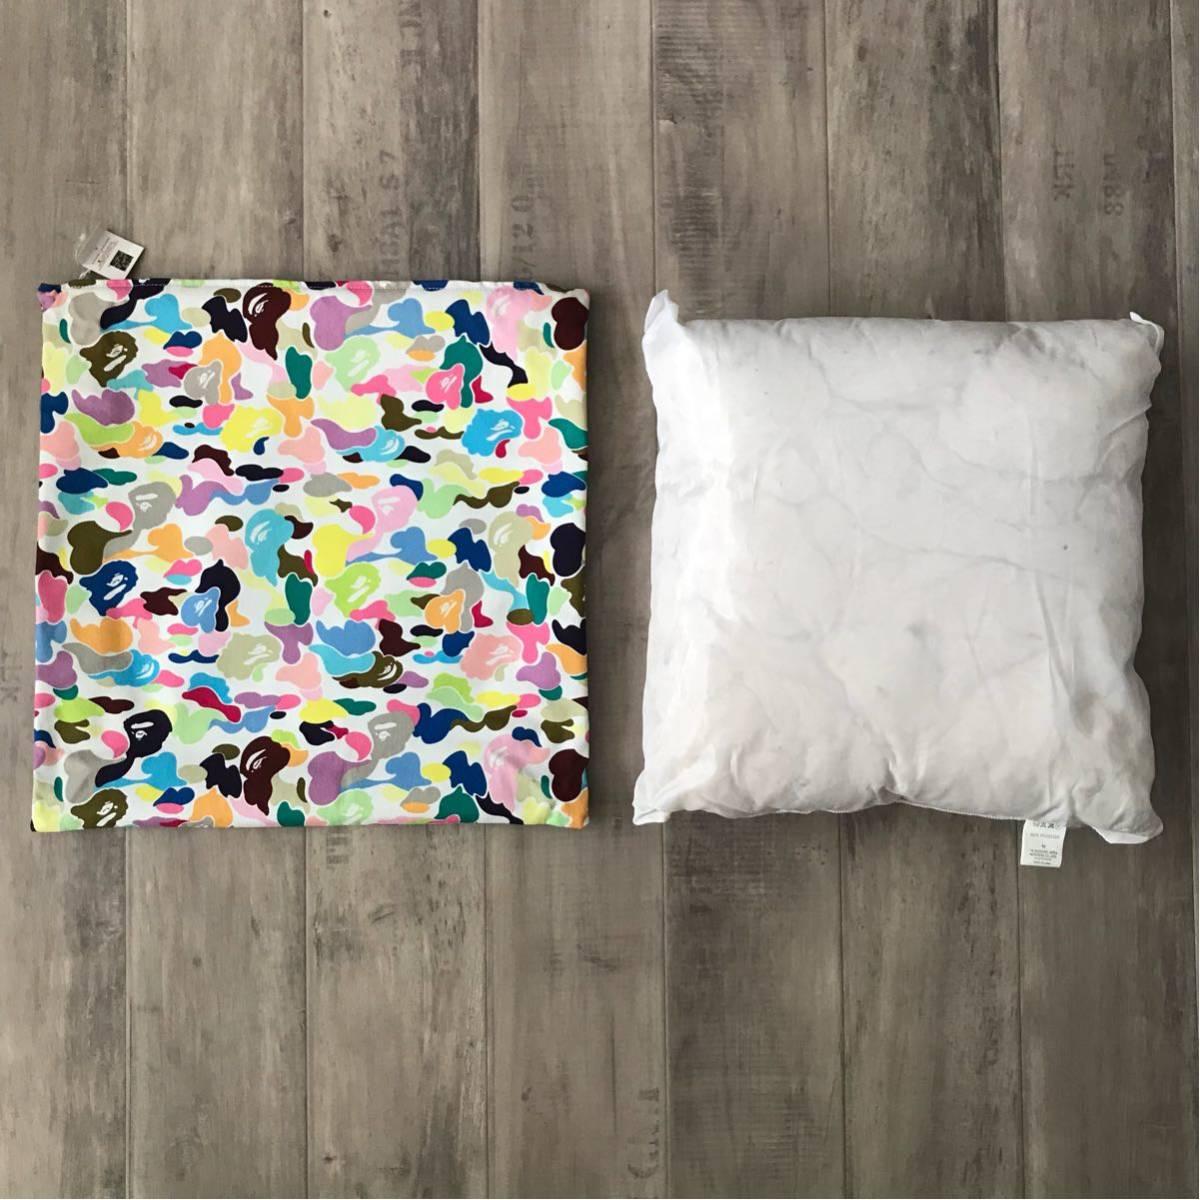 ★新品★ 初期 マルチカモ クッション a bathing ape BAPE multi camo cushion vintage candy エイプ ベイプ アベイシングエイプ nigo B